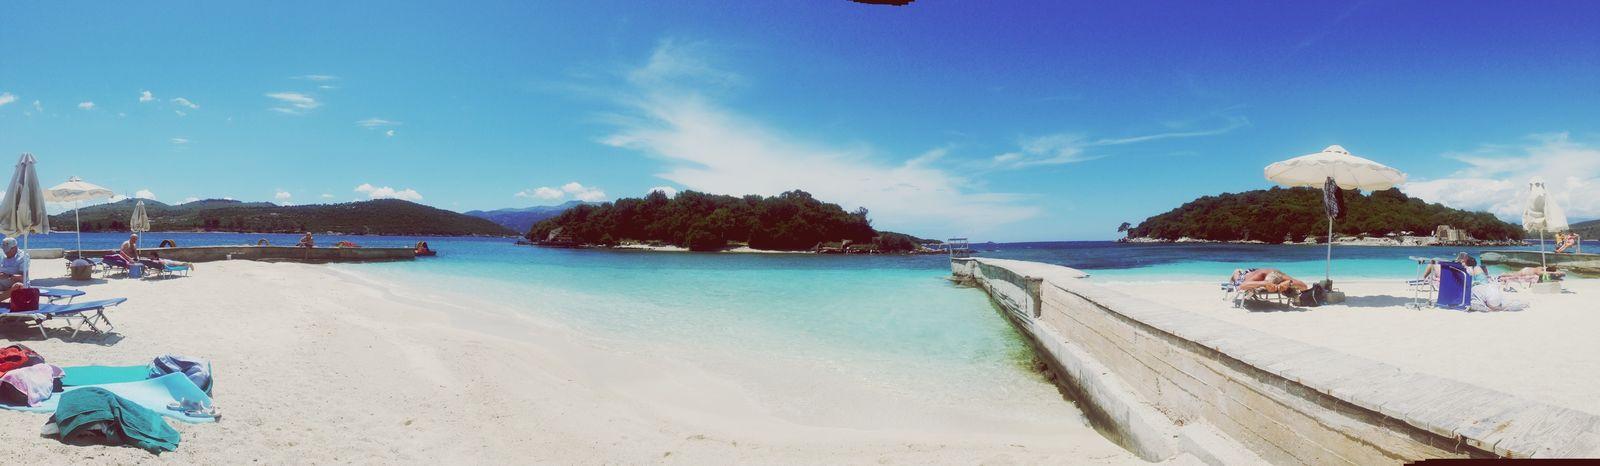 Getting A Tan Life Is A Beach Being A Beach Bum Sea